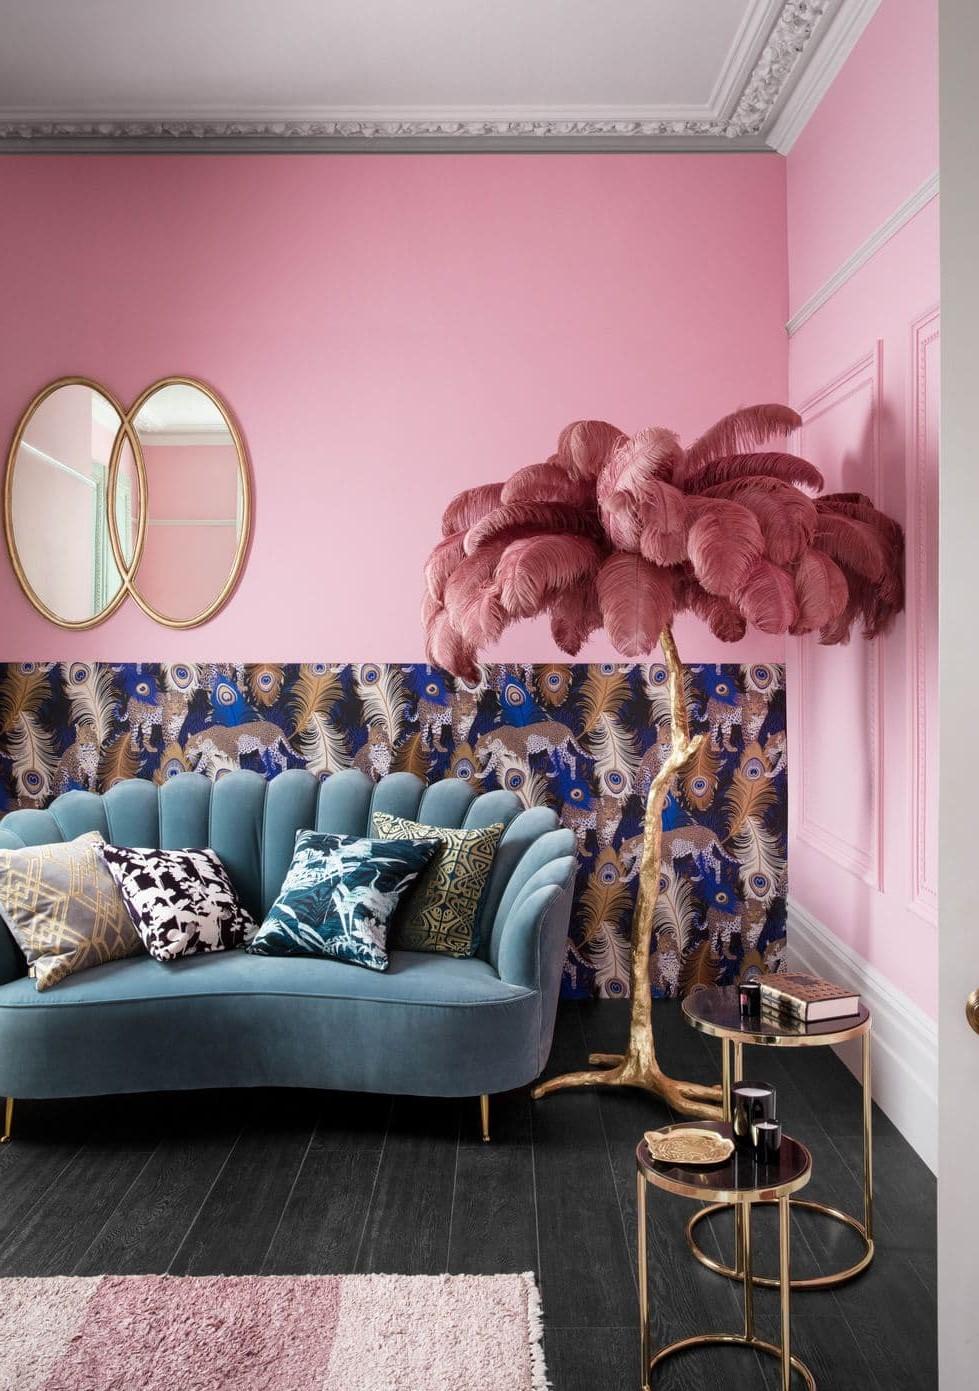 Donnez du caractère à votre maison avec des dessins basés sur des couleurs, des motifs et des textures.